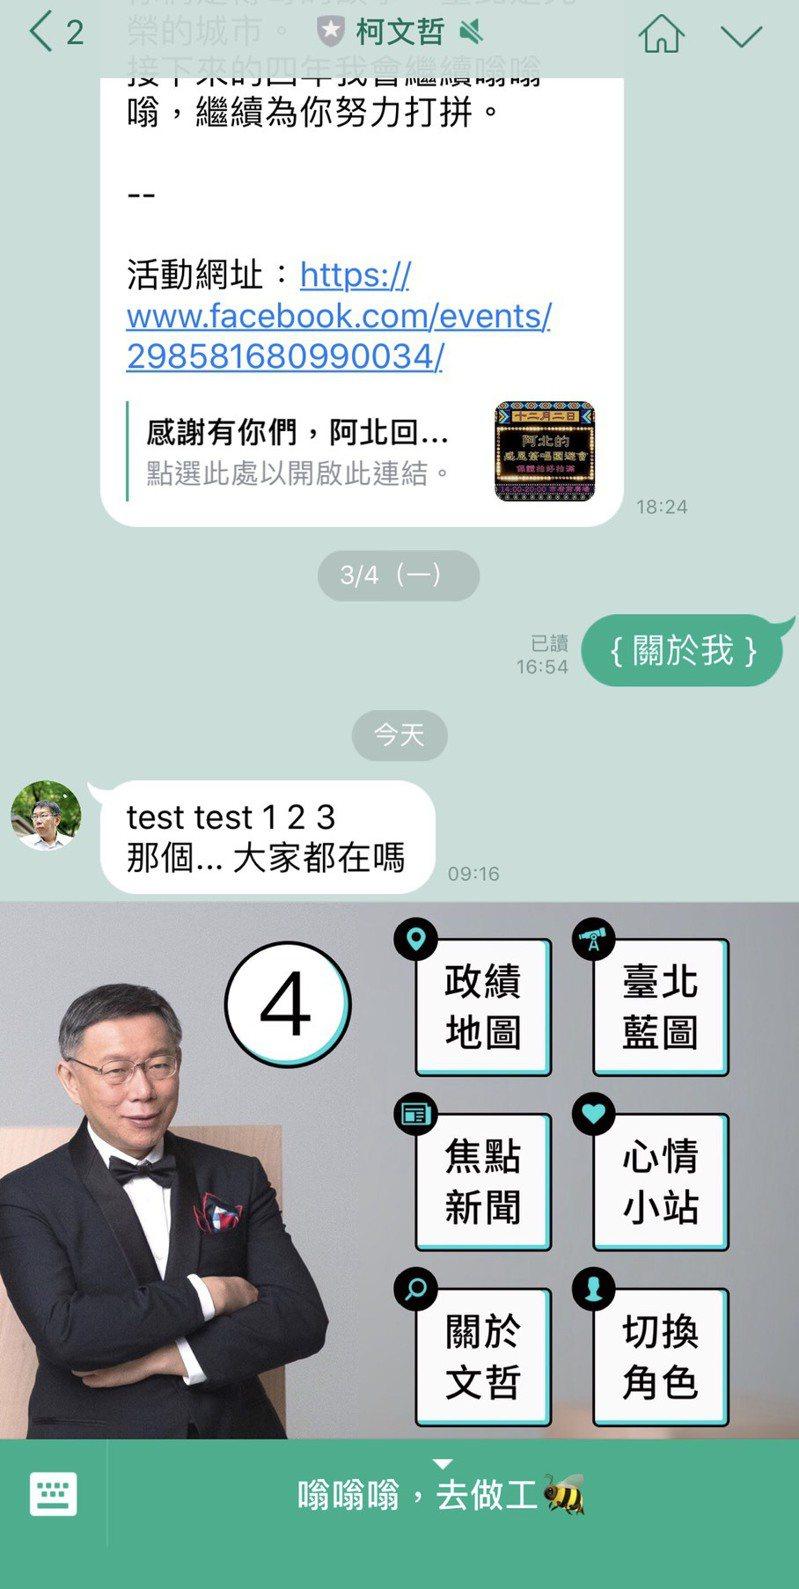 柯文哲的Line@帳號有32萬粉絲,曾因為選舉停擺,去年突然傳訊息「test test 123 那個...大家都在嗎」,被視為重出江湖。記者邱瓊玉/翻攝